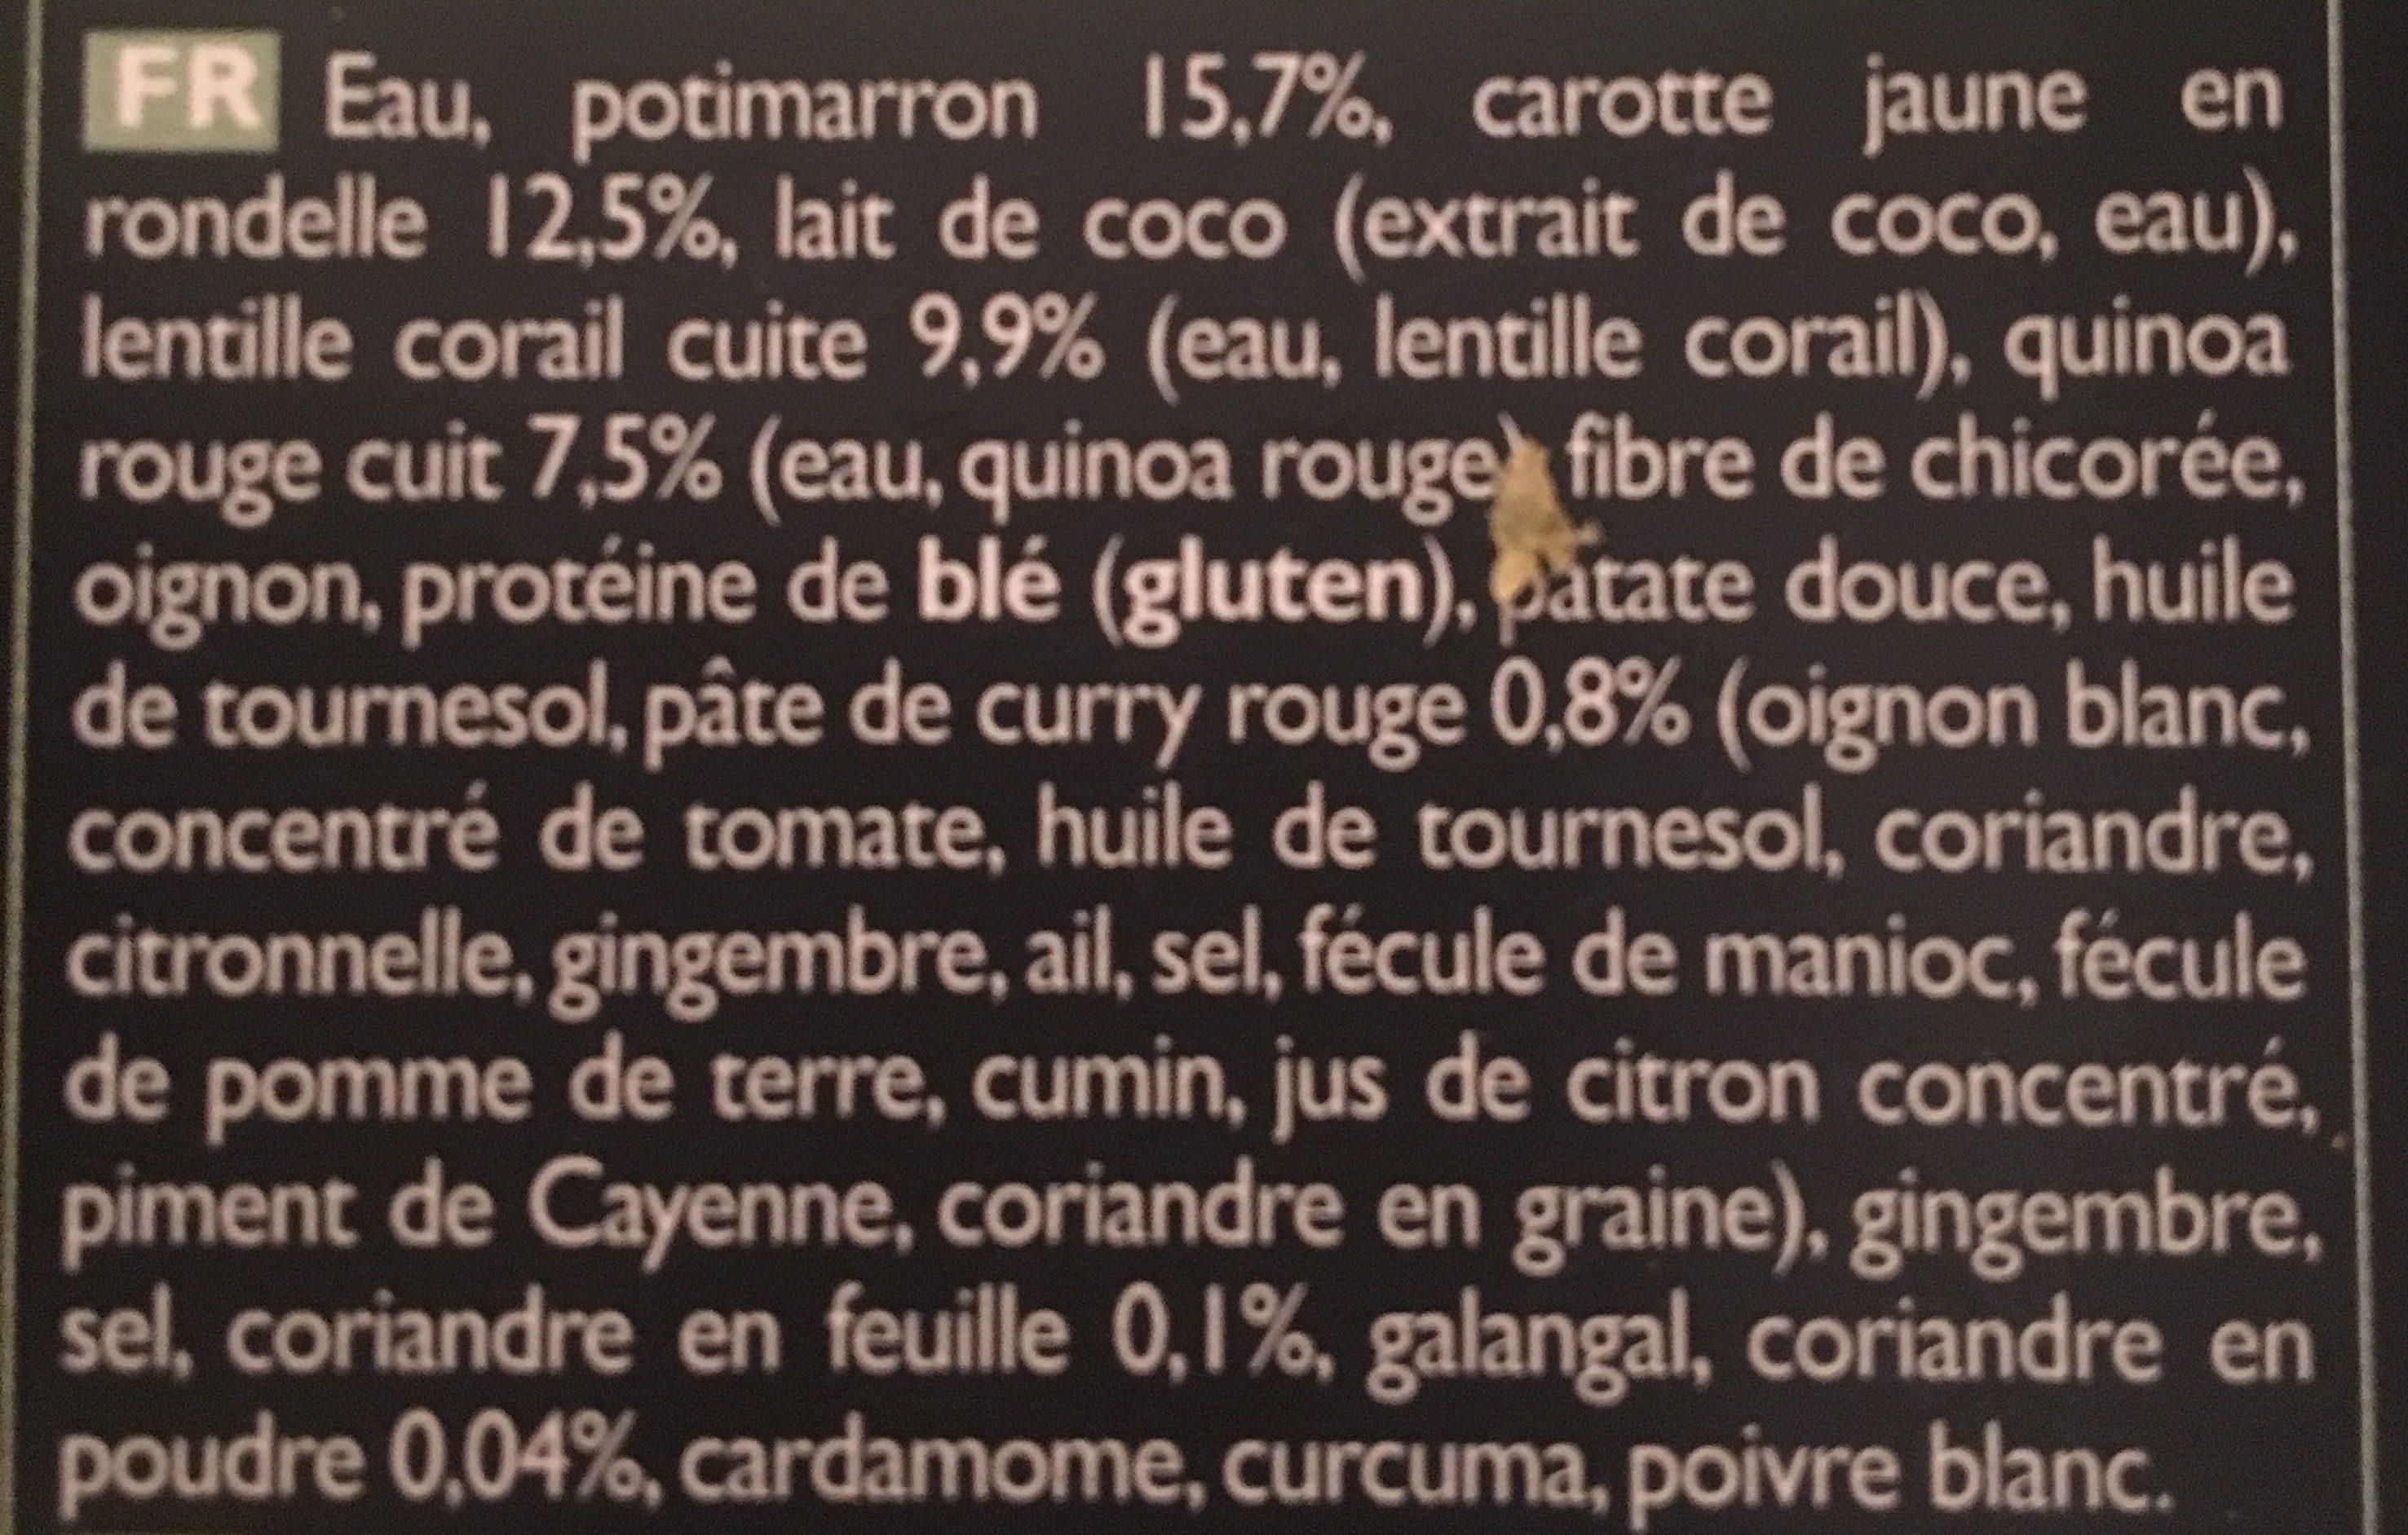 Soupe Potimarron, Quinoa Rouge, Lentille Corail, Carotte Jaune, Curry, Coriandre - Ingrediënten - fr